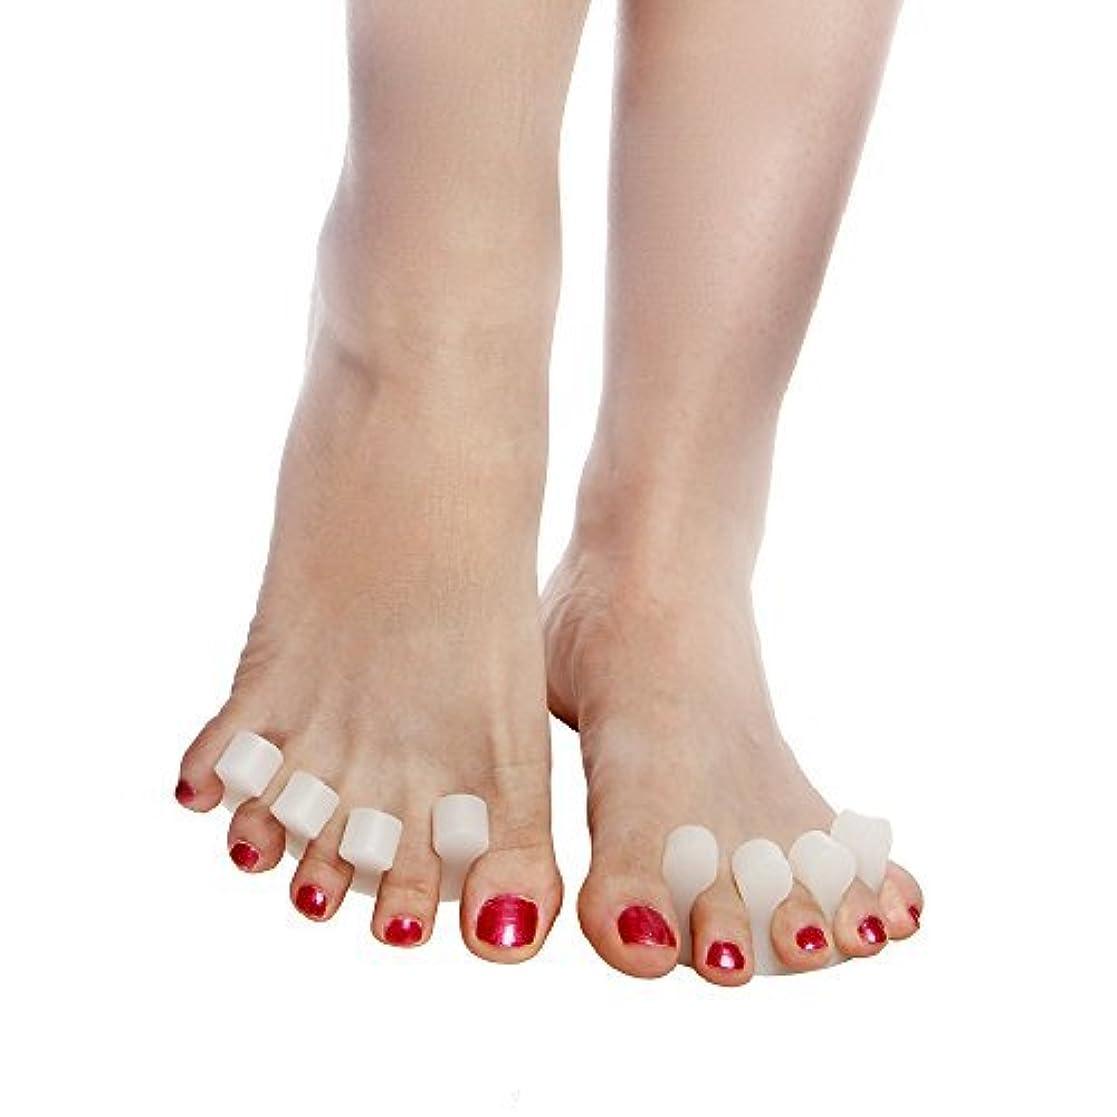 すき匹敵します測定Xiton 足指セパレーター,足指広げる 指間ジェルサポーター ネイル ペディキュア用 外反母趾パッド 内反小趾 手指足指全開両用 分離シリコンパッド ヨガ マニキュア用 4個セット